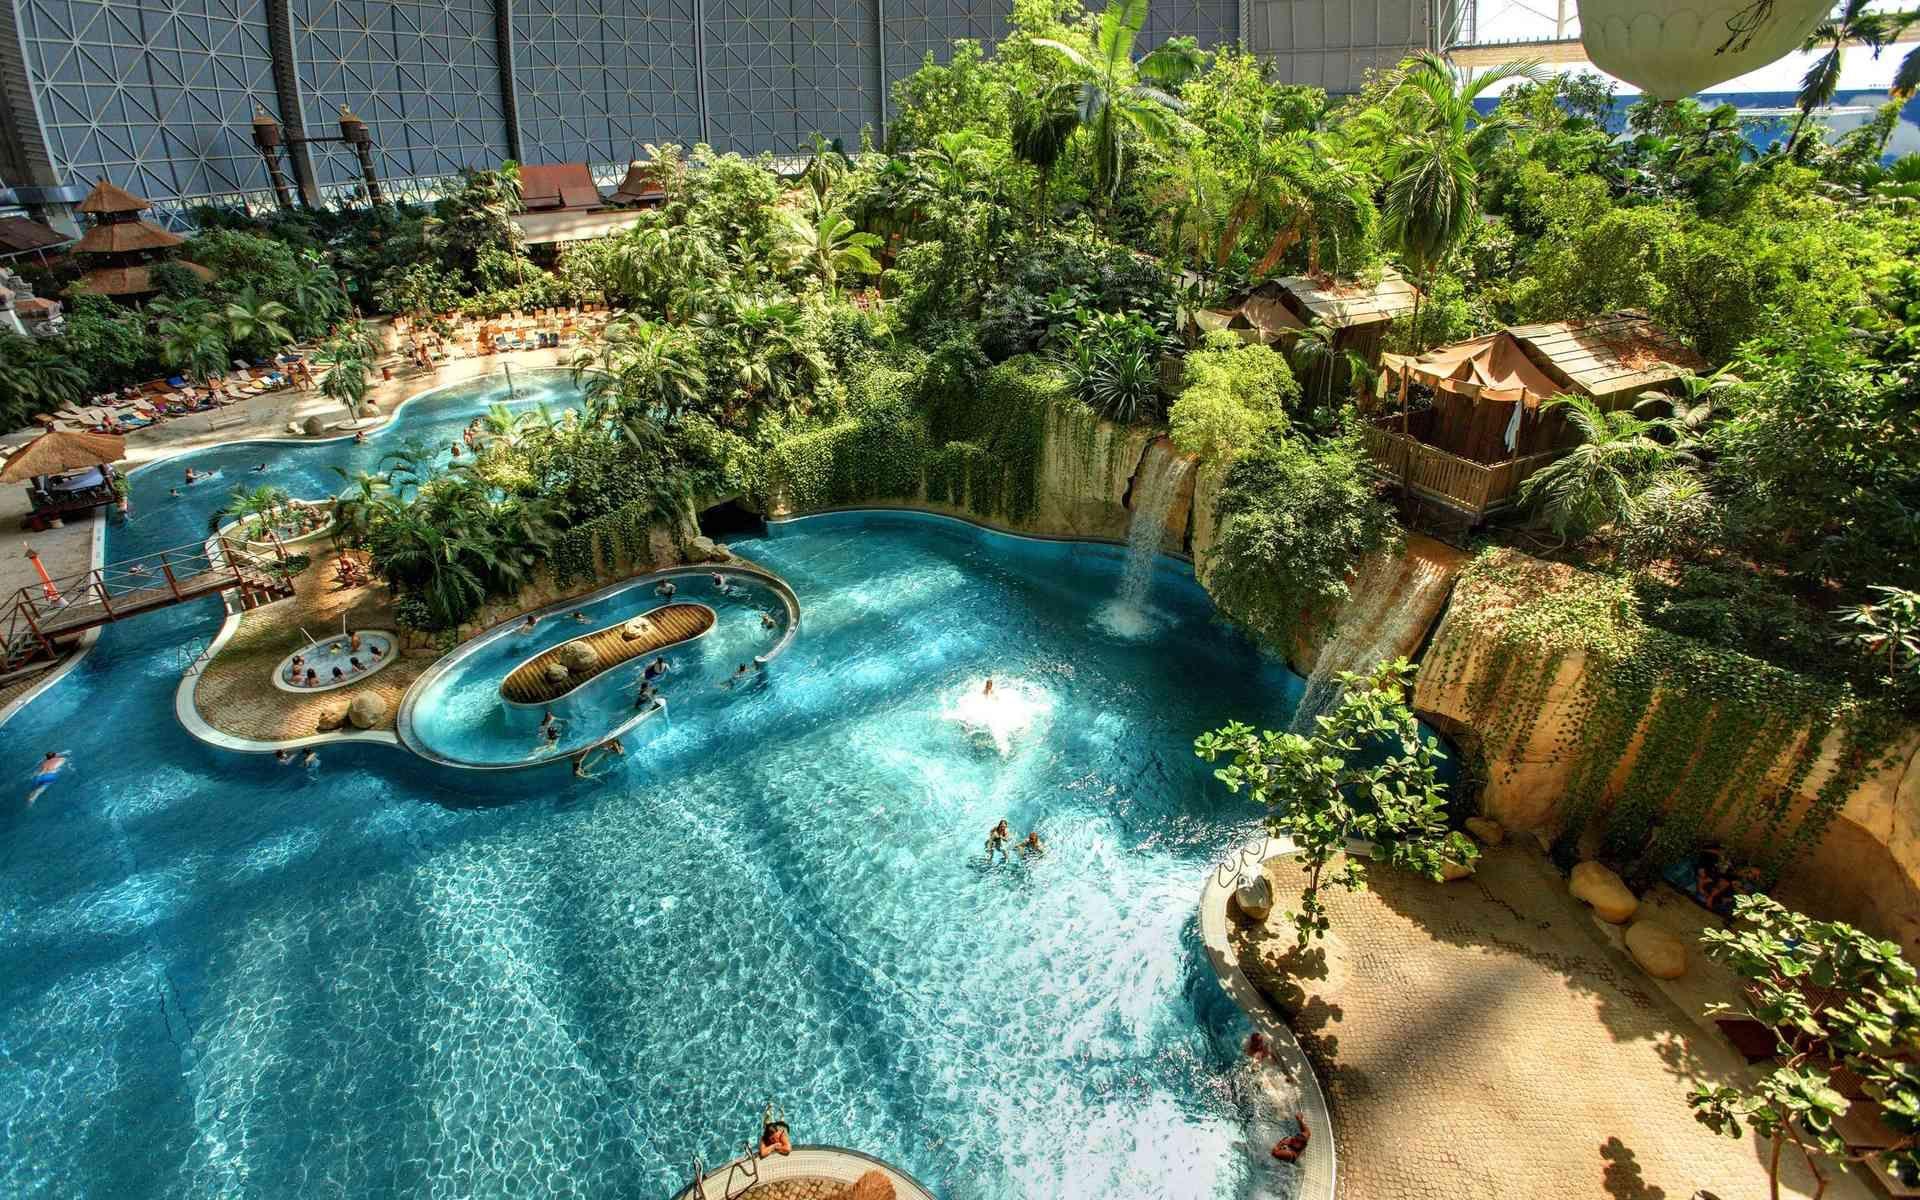 Tropical Islands Tropical Islands Europe S Largest Tropical Holiday World Tropical Islands Resort Indoor Waterpark Indoor Swimming Pools